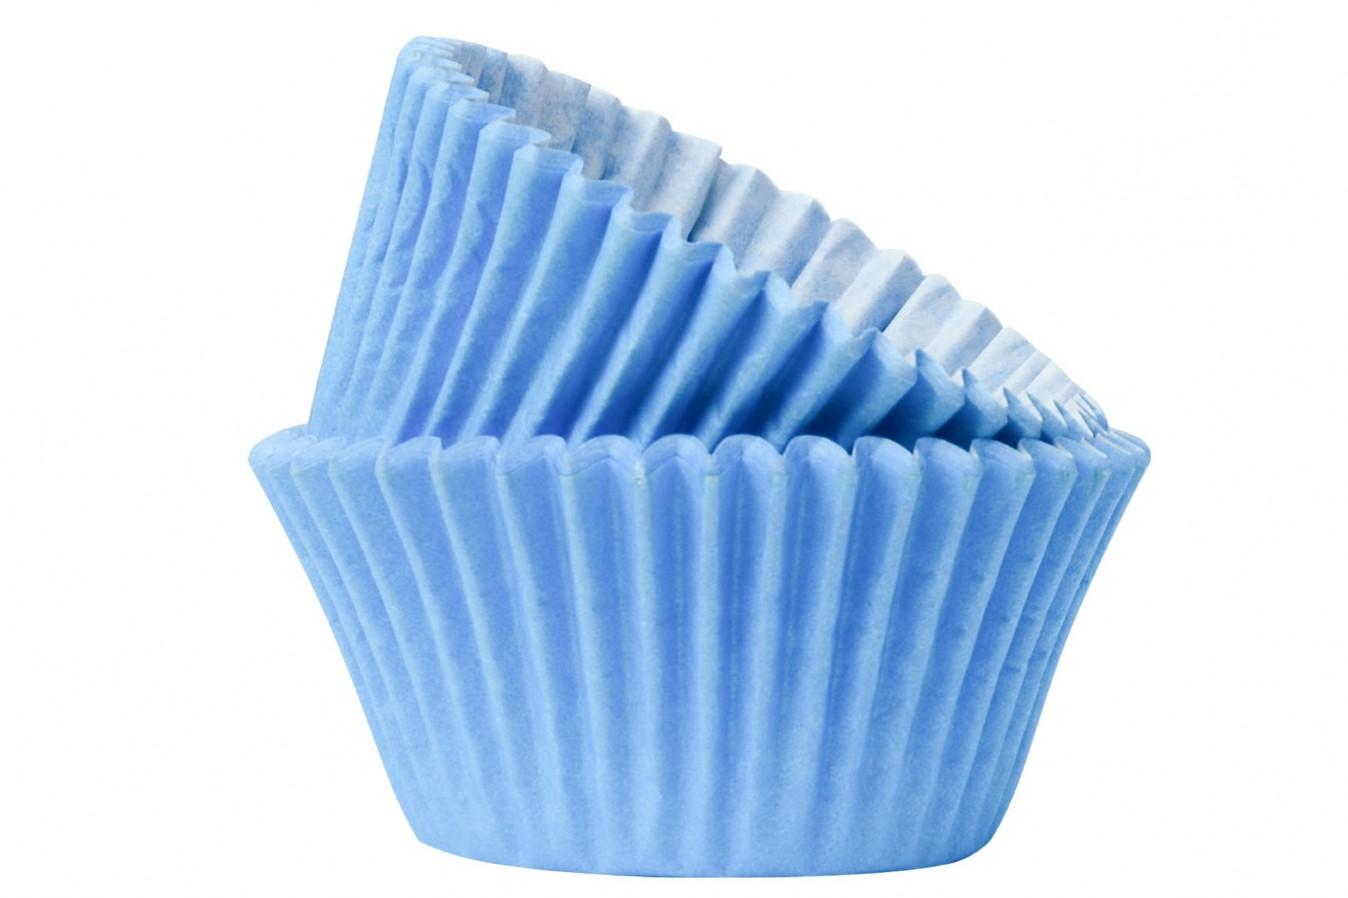 Caissettes à cupcake - Bleu ciel - Lot de 50